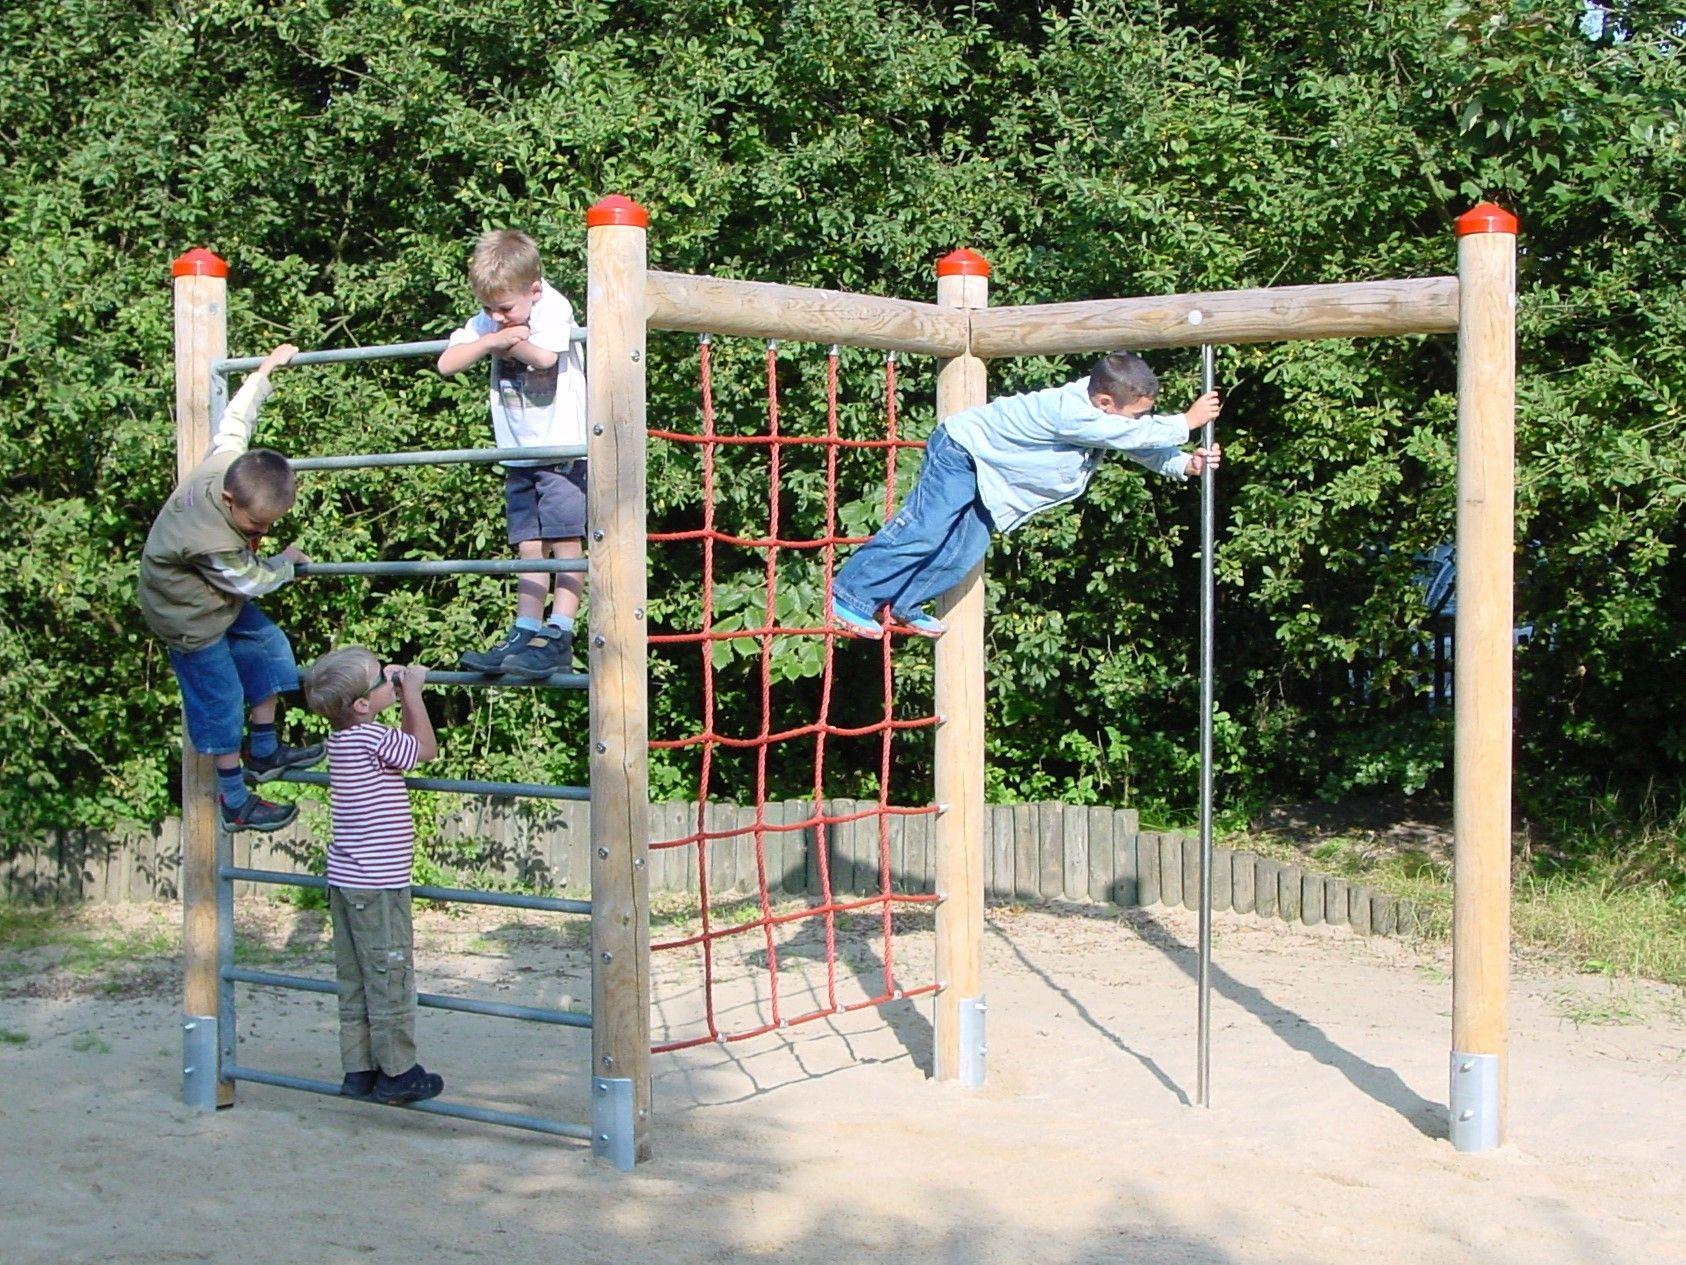 Klettergerüst Selbst Gebaut : Klettergerüst selber bauen pretty spielturm kinderzimmer photos